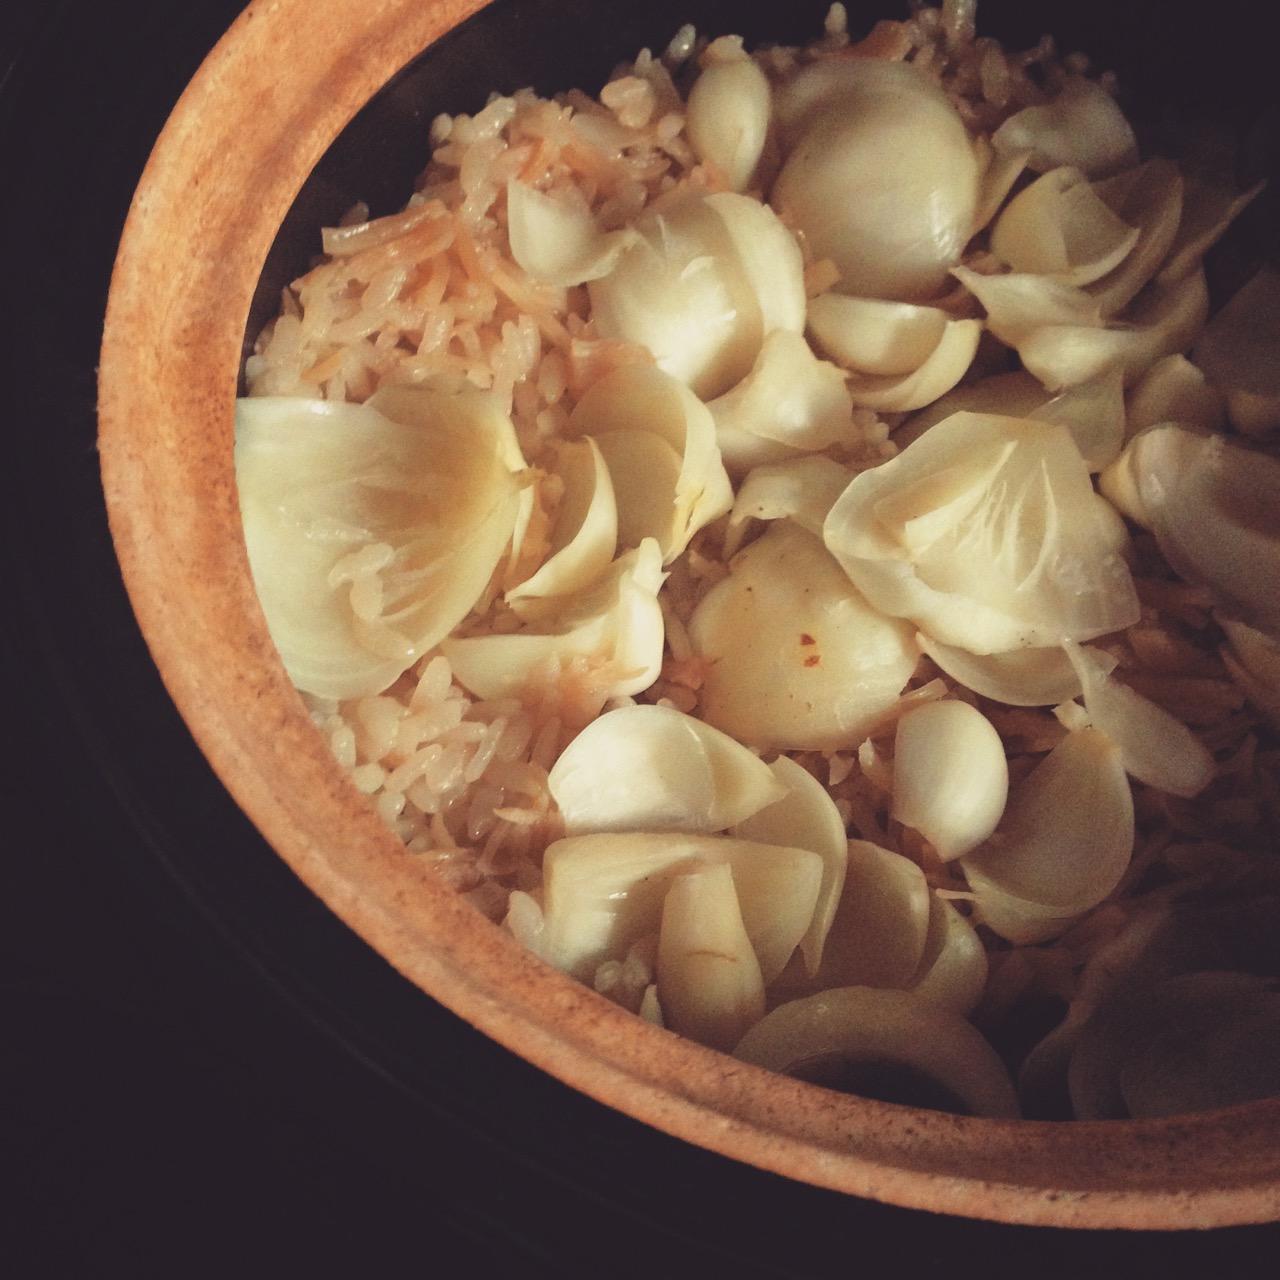 女性は大好きなはず♡百合根と干し貝柱のご飯。 百合根には気持ちを落ち着かせて安心させてくれる作用もあります♪